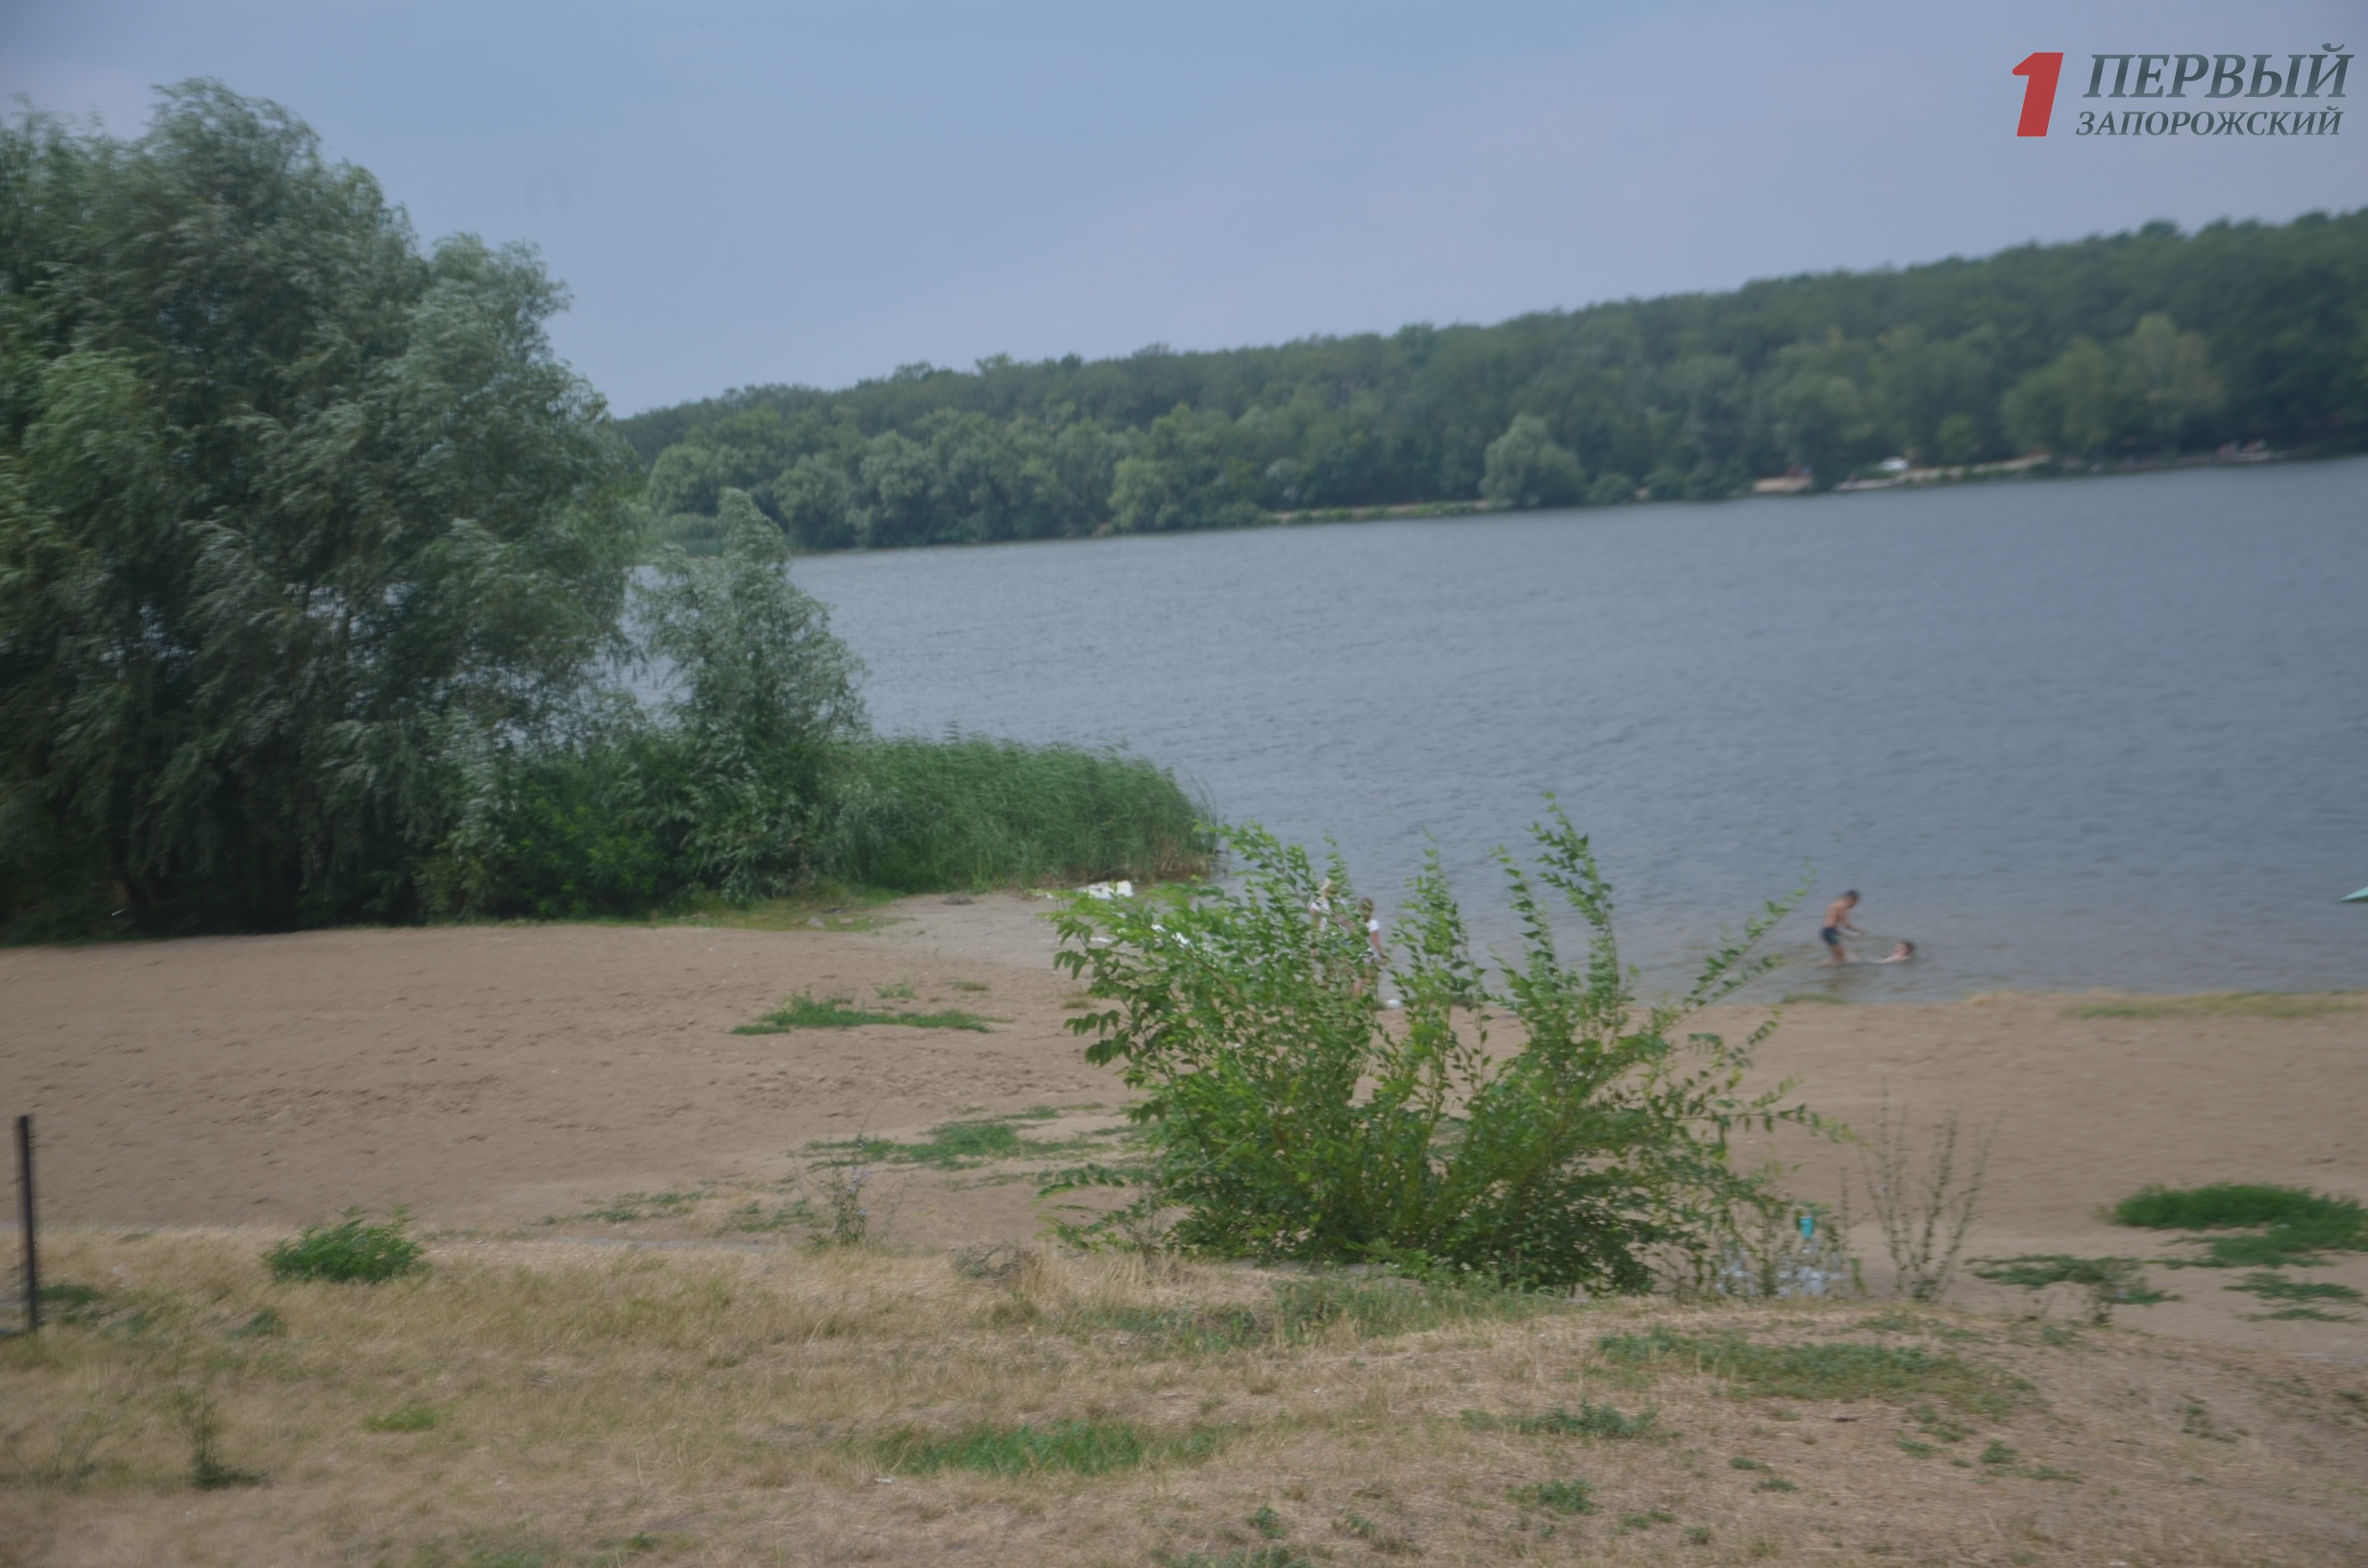 В Запорожье повторно объявили торги на реконструкцию пляжа в Заводском районе за 17 миллионов гривен